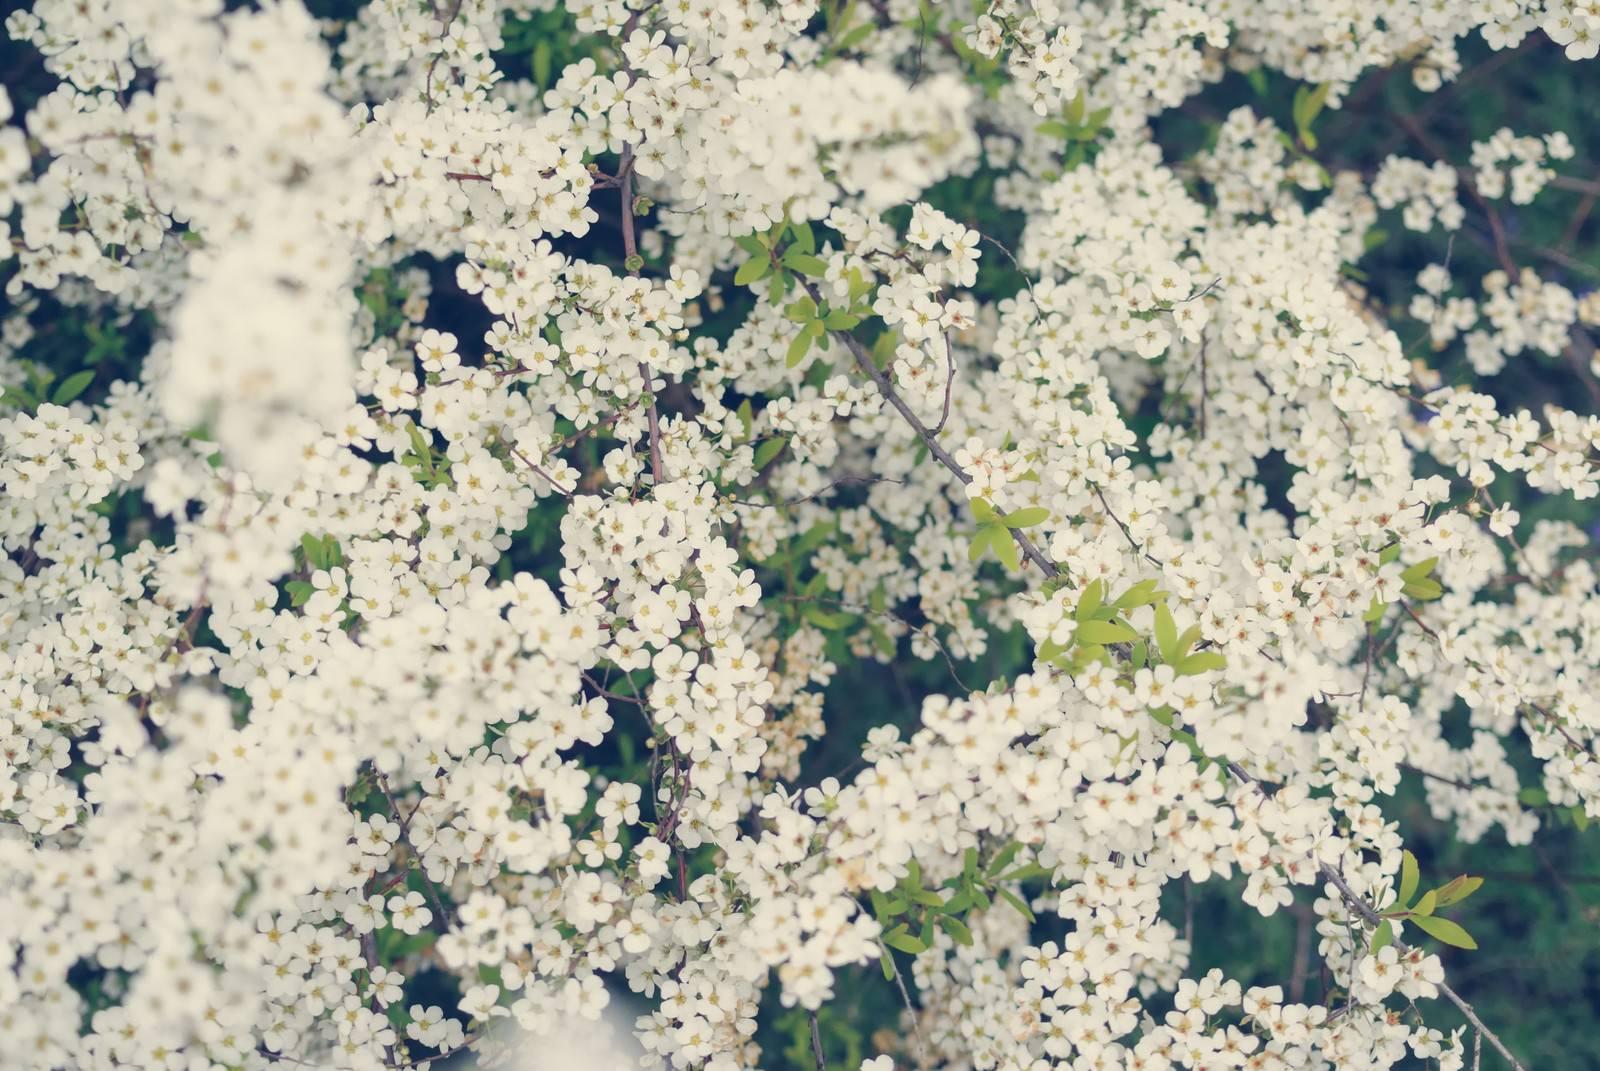 「静かに咲き誇る満開のユキヤナギ」の写真